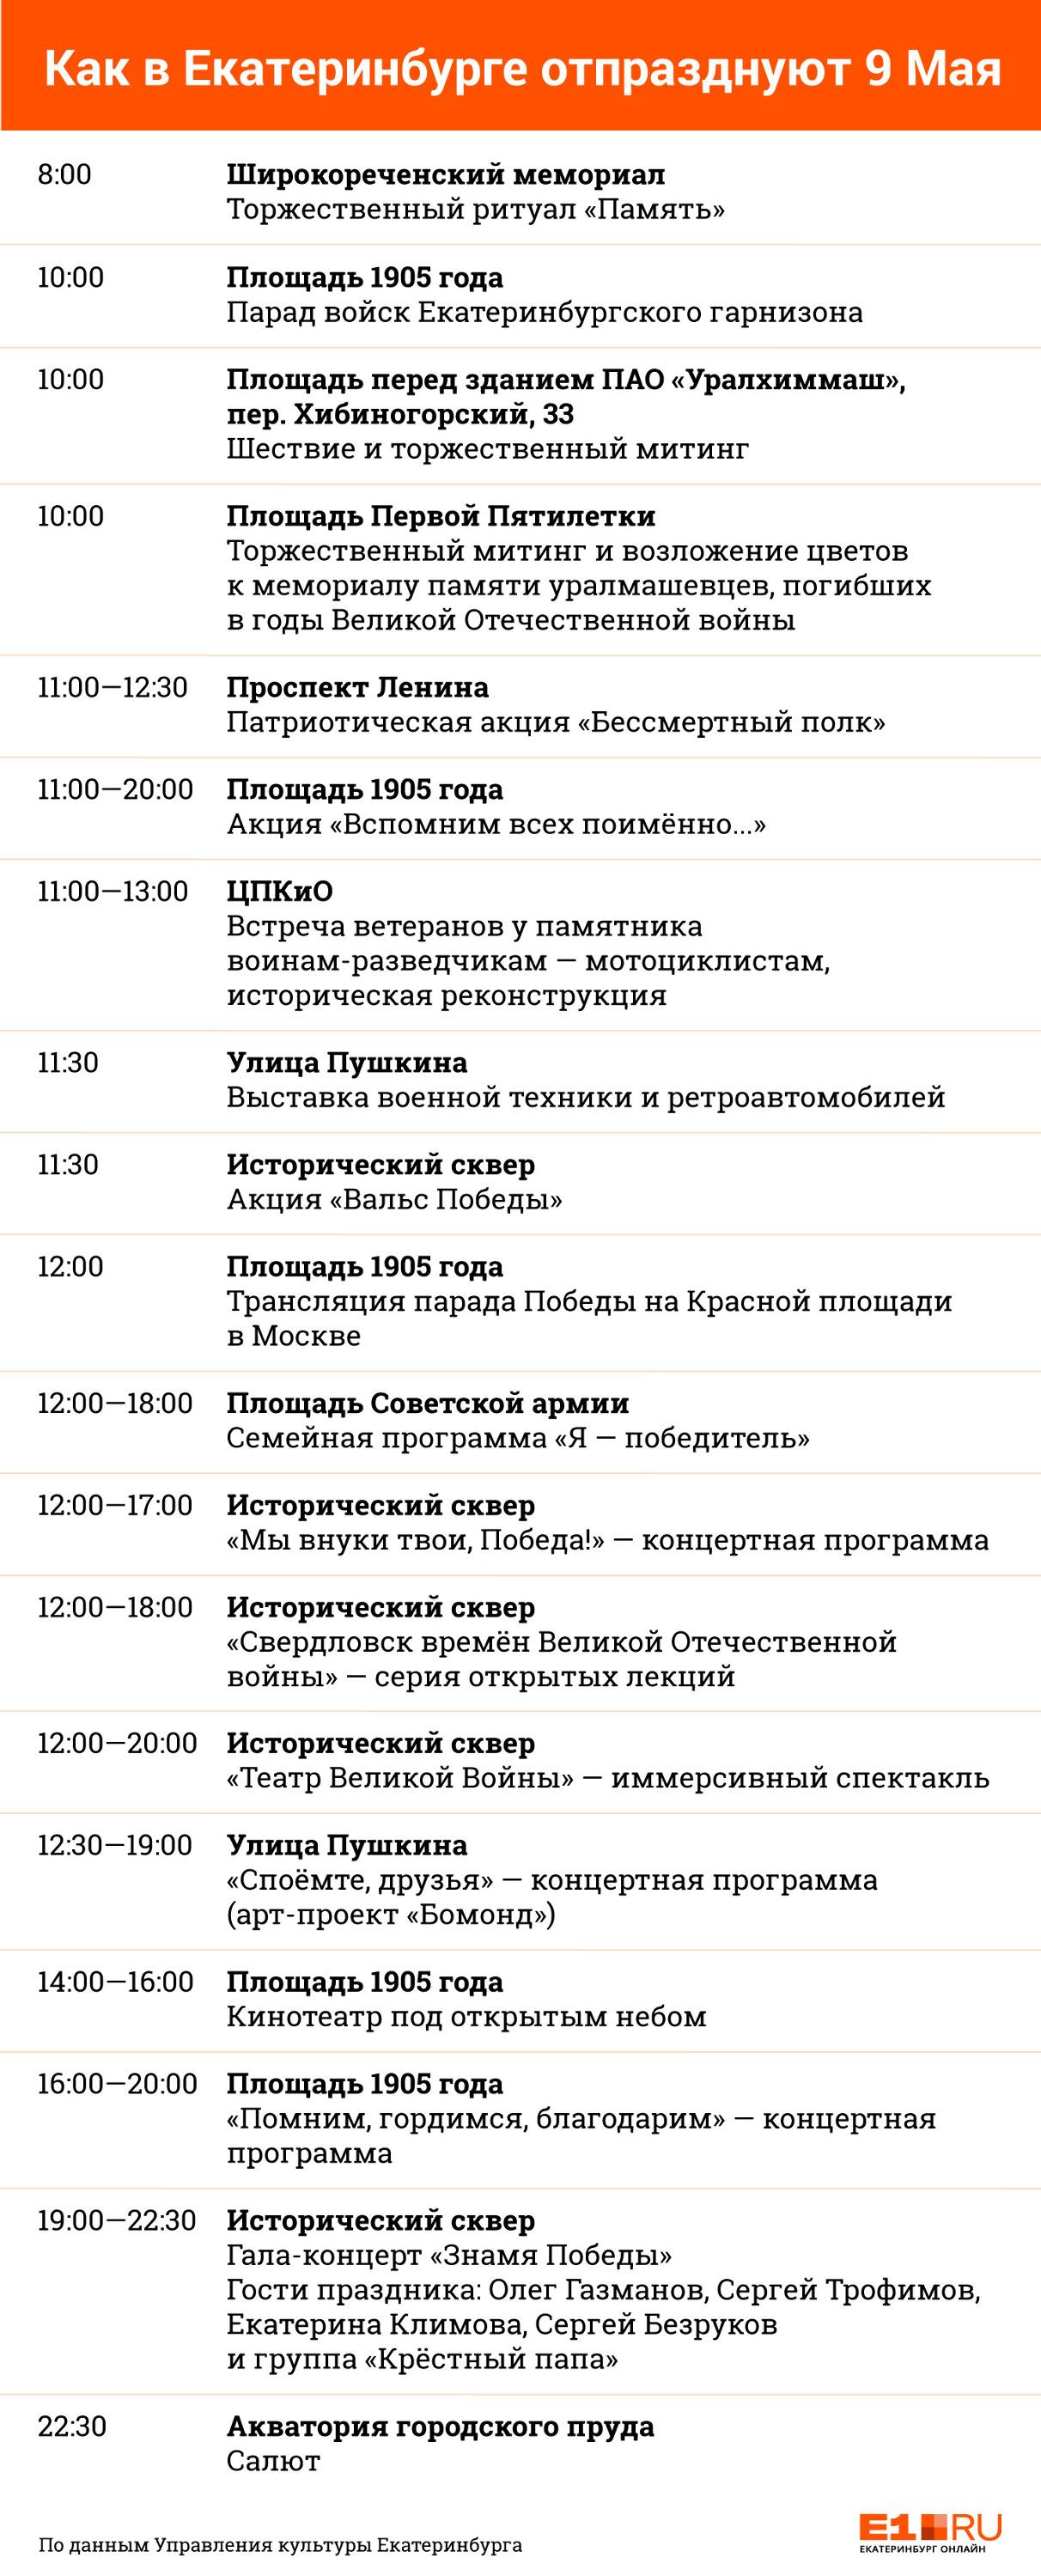 Как Екатеринбург отметит День Победы: программа празднования